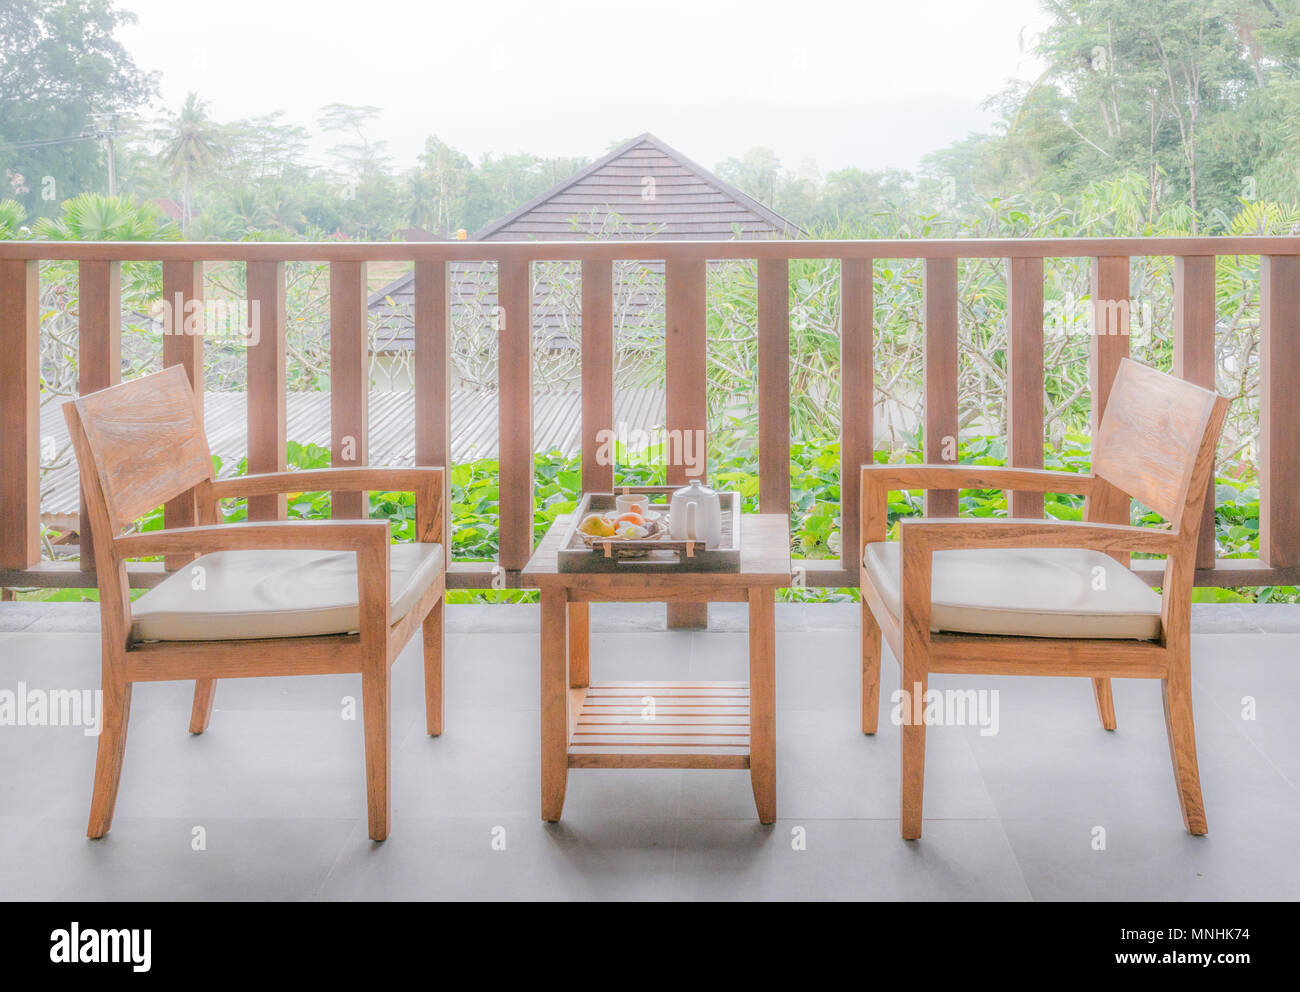 Holz Garten Mobel Im Garten Mit Holzernen Stuhl Und Tisch Stockfoto